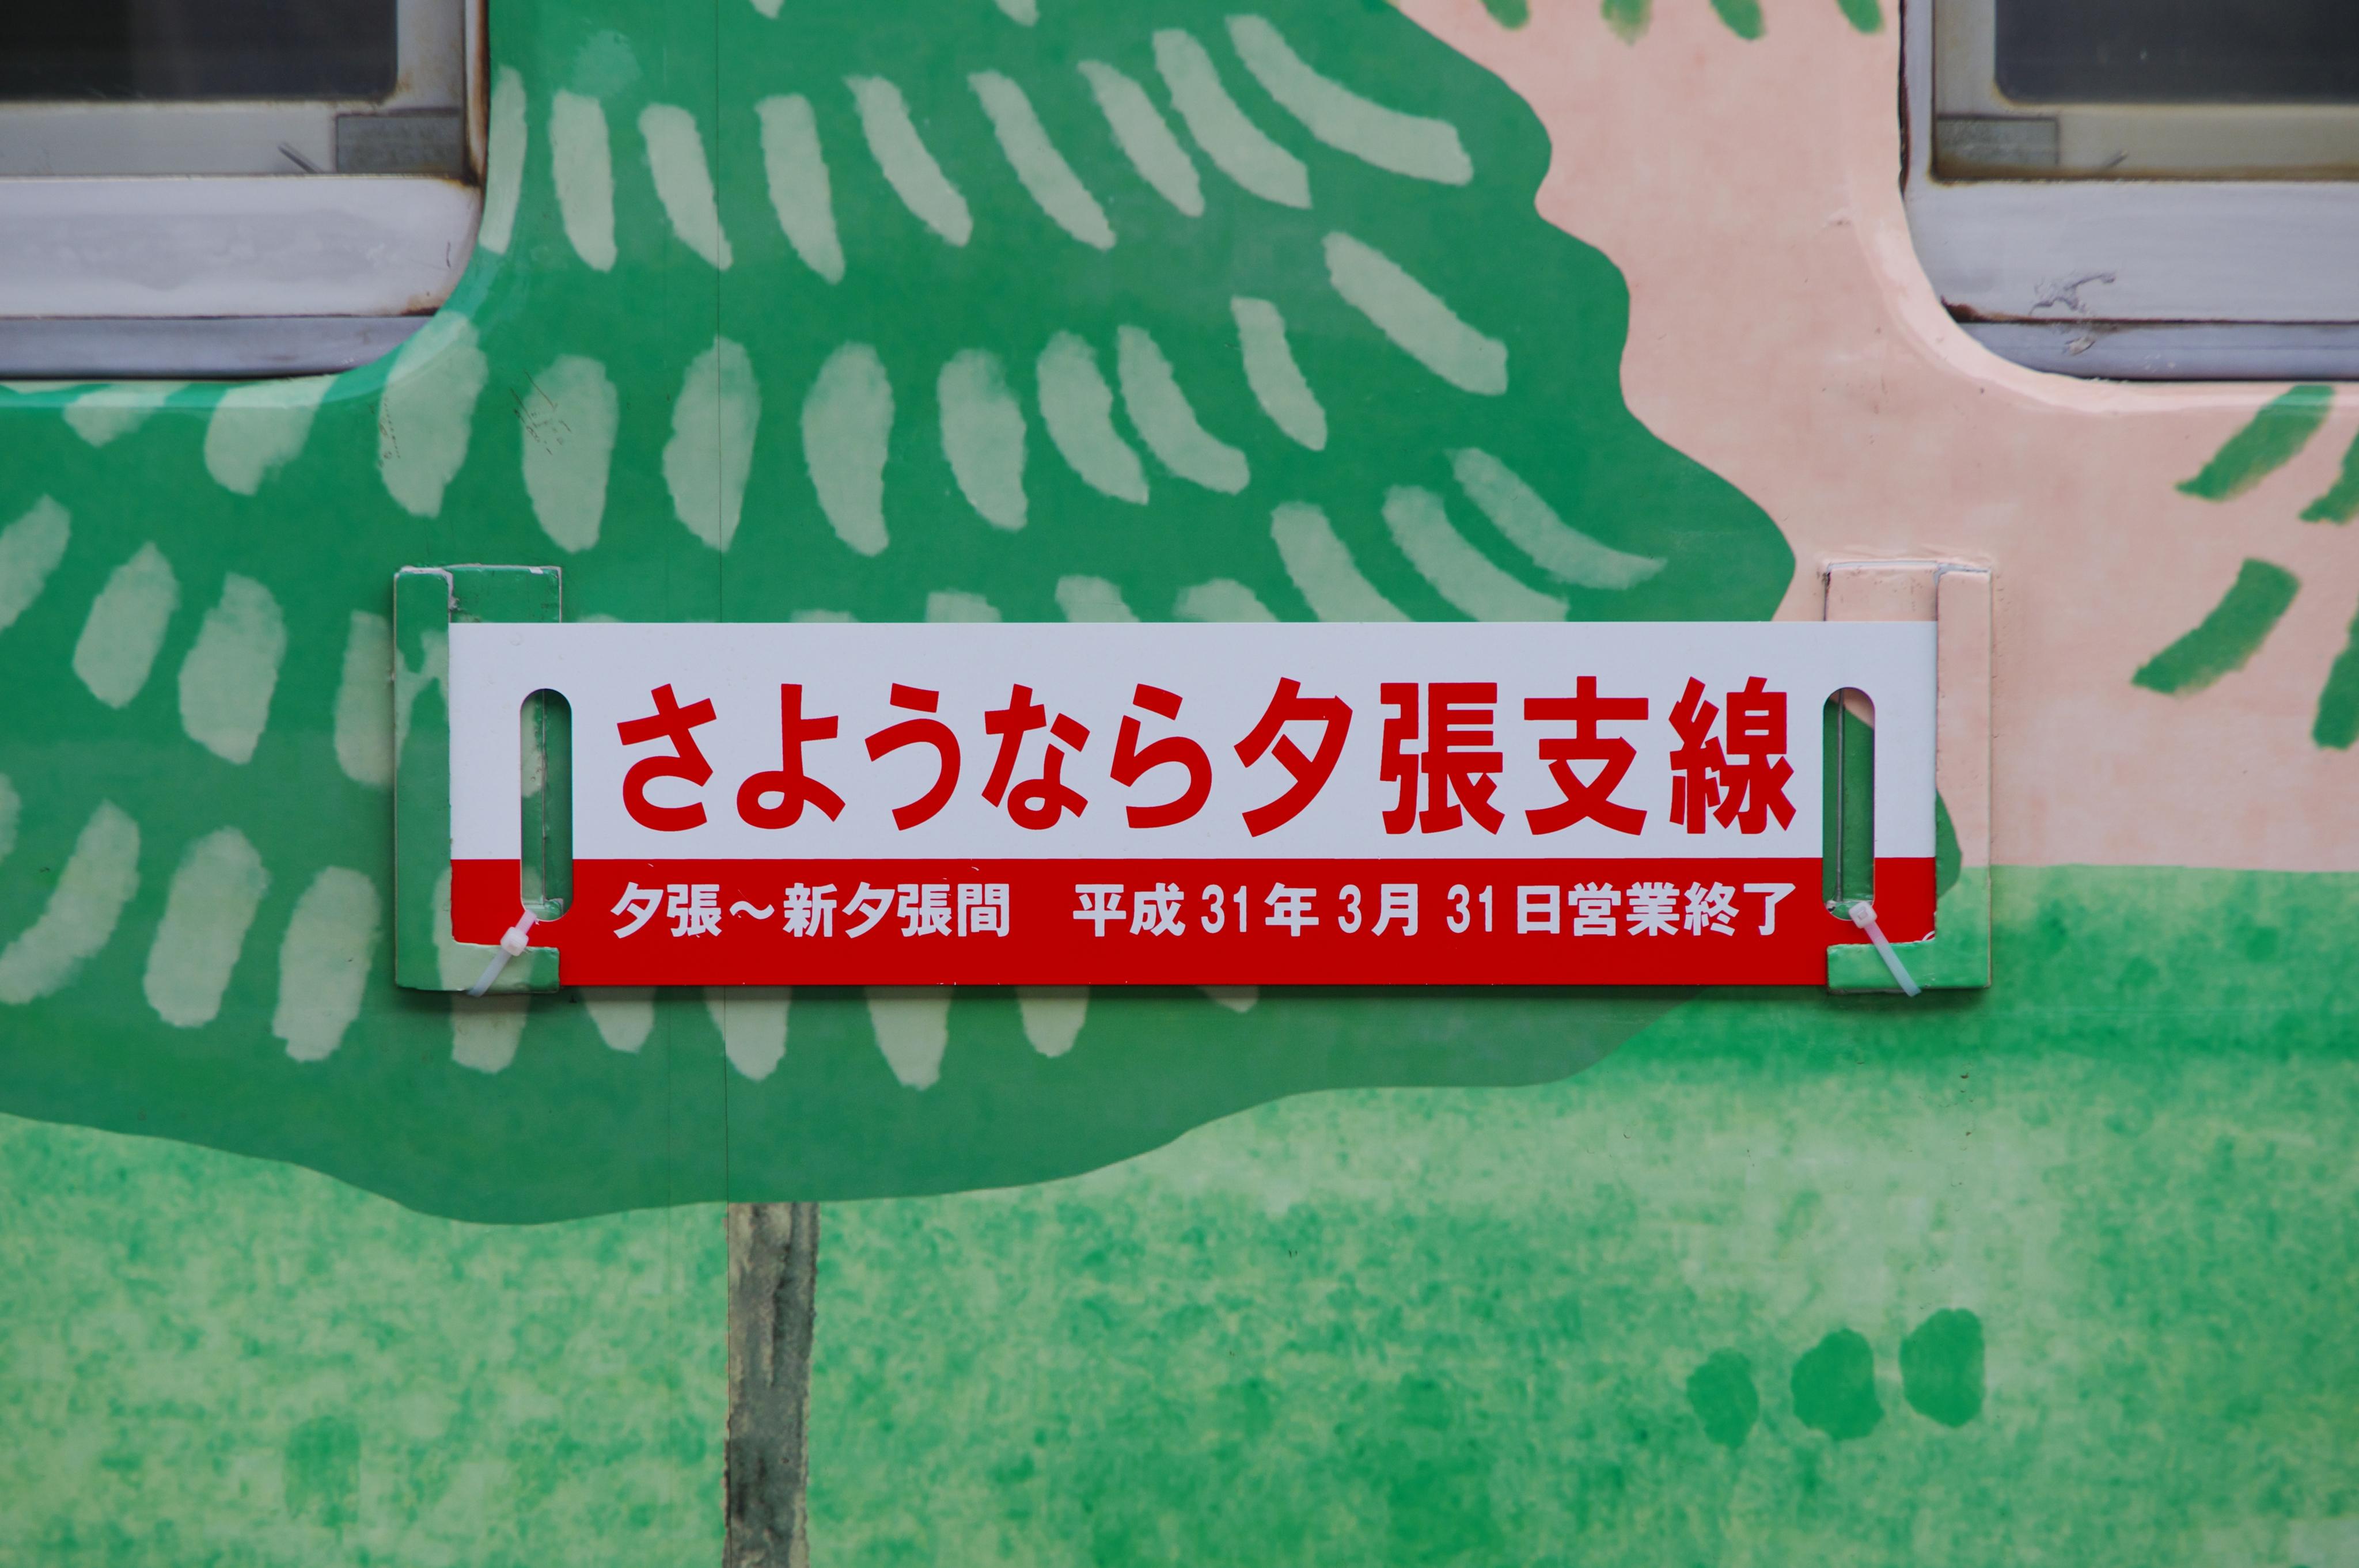 石勝線 夕張支線 ラストラン 専用サボ 新夕張駅_190331 (2).jpg